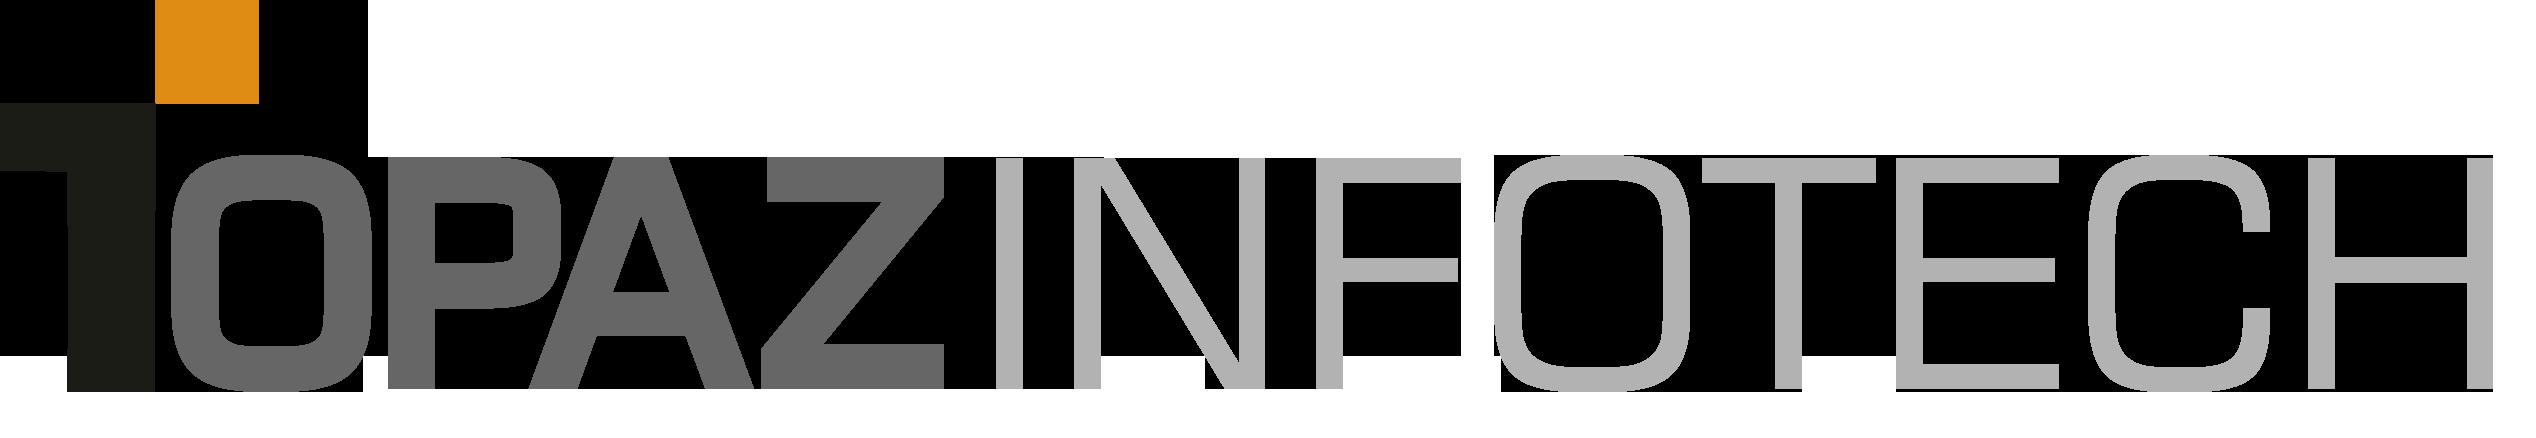 Topaz Infotech Logo